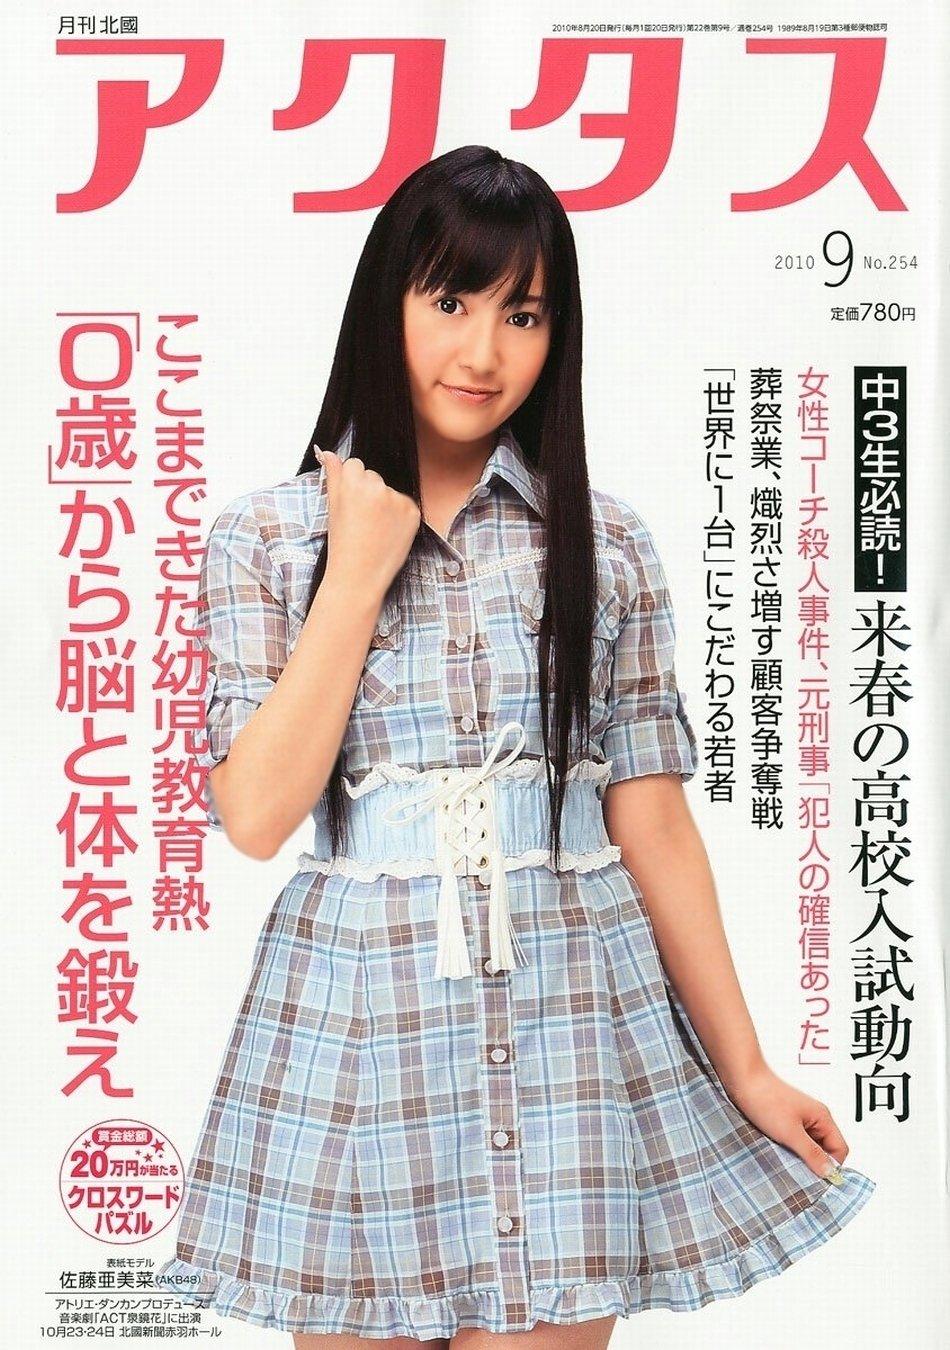 Sato amina magazine picture board hello online for Eminza magasin